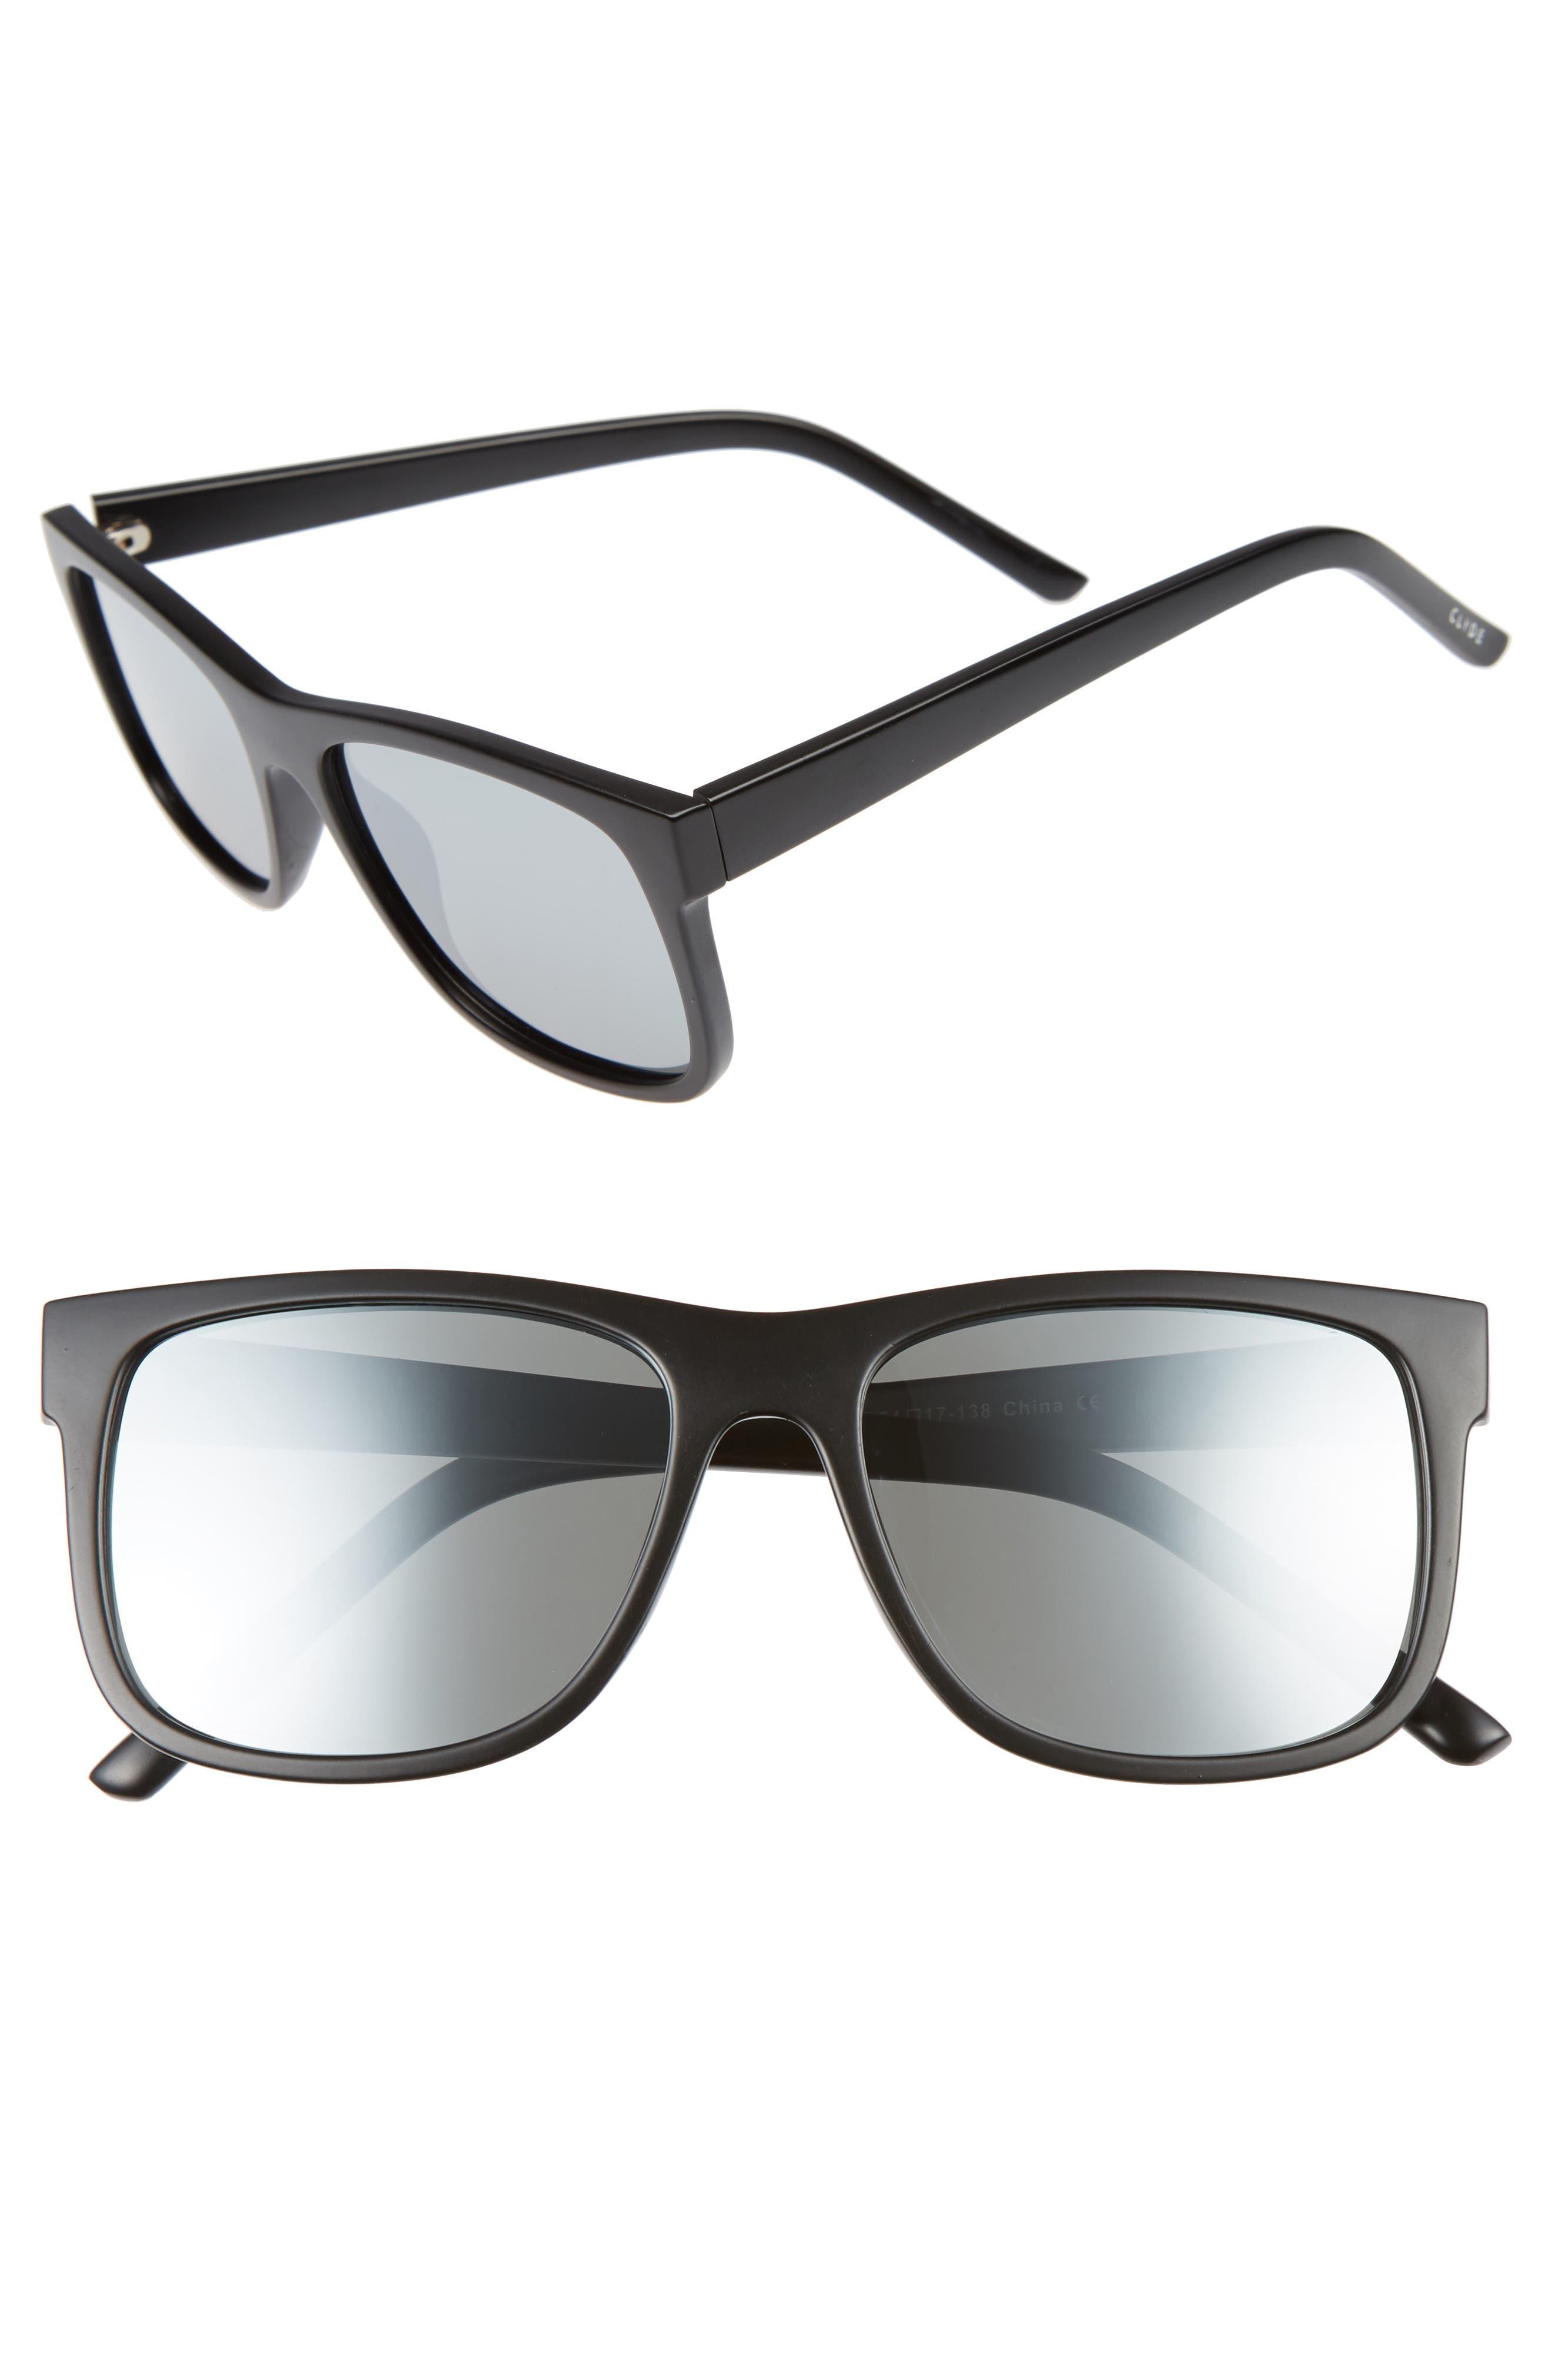 Main 54mm Polarized Sunglasses,                         Main,                         color, 001